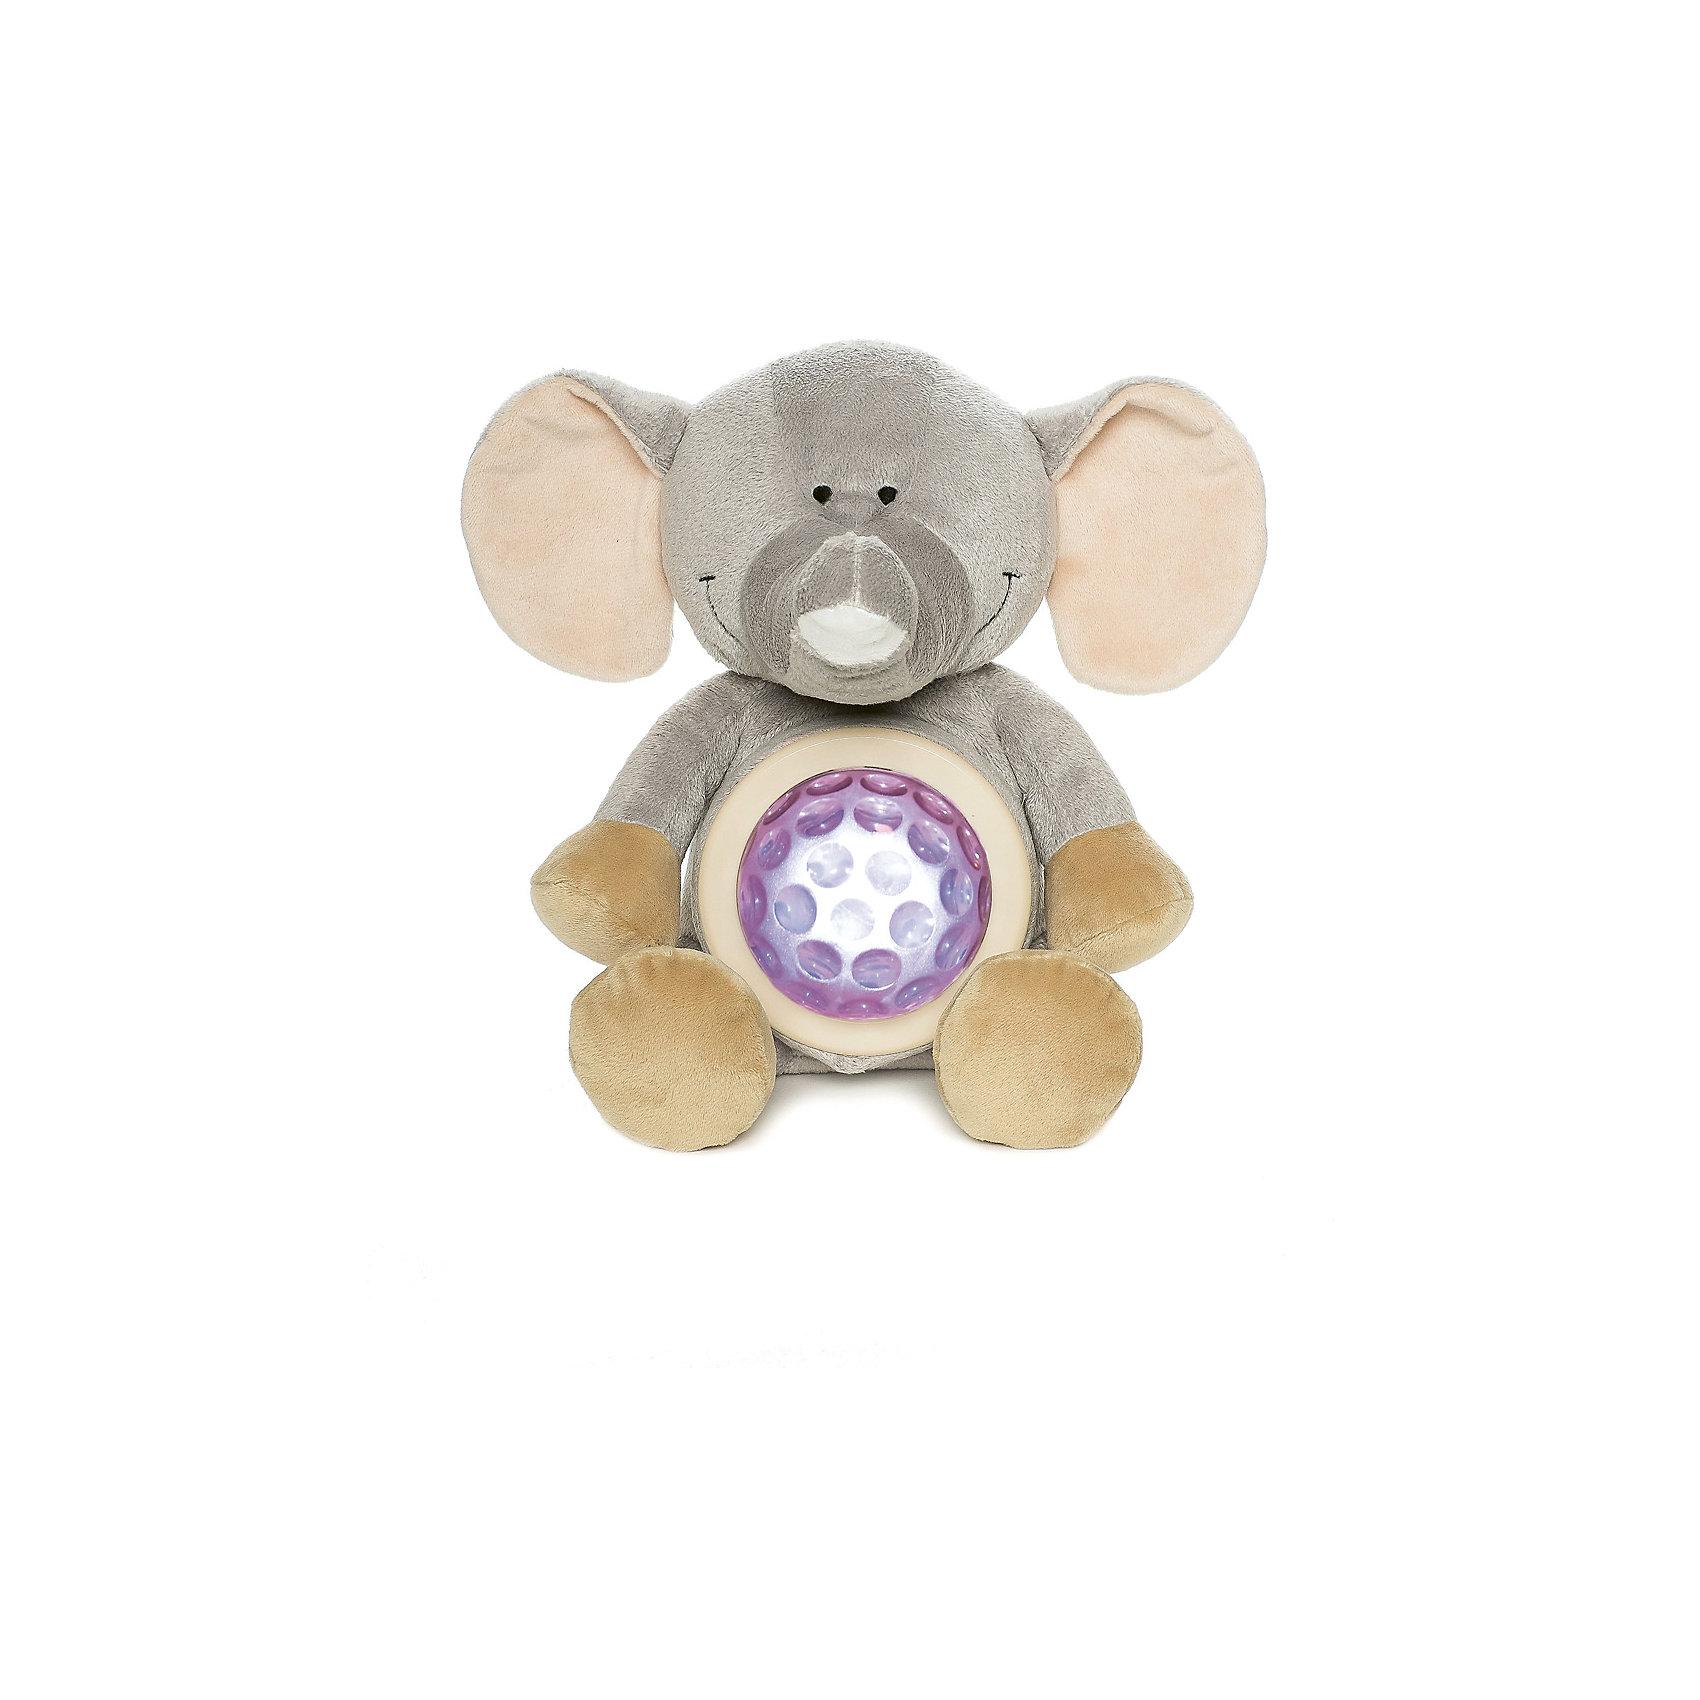 Ночник Слон, Динглисар, TeddykompanietНочники и проекторы<br>Ночник Слон, Динглисар, Teddykompaniet (Тэдди и компания) - подарит уют и спокойствие вашему малышу.<br>Ночник в виде милого улыбающегося слоненка создаст спокойную атмосферу, идеальную для того, чтобы малыш мог легко и быстро заснуть. Ночник проецирует звездное небо и работает в двух режимах. В первом режиме мягкий прозрачный свет, во втором режиме – меняет цвета (3 цвета). Чтобы активировать работу ночника, необходимо нажать на животик слона. Продукция соответствует европейским и российским стандартам качества.<br><br>Дополнительная информация:<br><br>- Размер: 23 см.<br>- Материал: текстиль<br>- Предусмотрено автоматическое отключение после 10 мин непрерывной работы<br>- Батарейки: 3 типа АА (в комплект не входят)<br><br>Ночник Слон, Динглисар, Teddykompaniet (Тэдди и компания) можно купить в нашем интернет-магазине.<br><br>Ширина мм: 250<br>Глубина мм: 150<br>Высота мм: 100<br>Вес г: 220<br>Возраст от месяцев: 0<br>Возраст до месяцев: 36<br>Пол: Унисекс<br>Возраст: Детский<br>SKU: 4902225